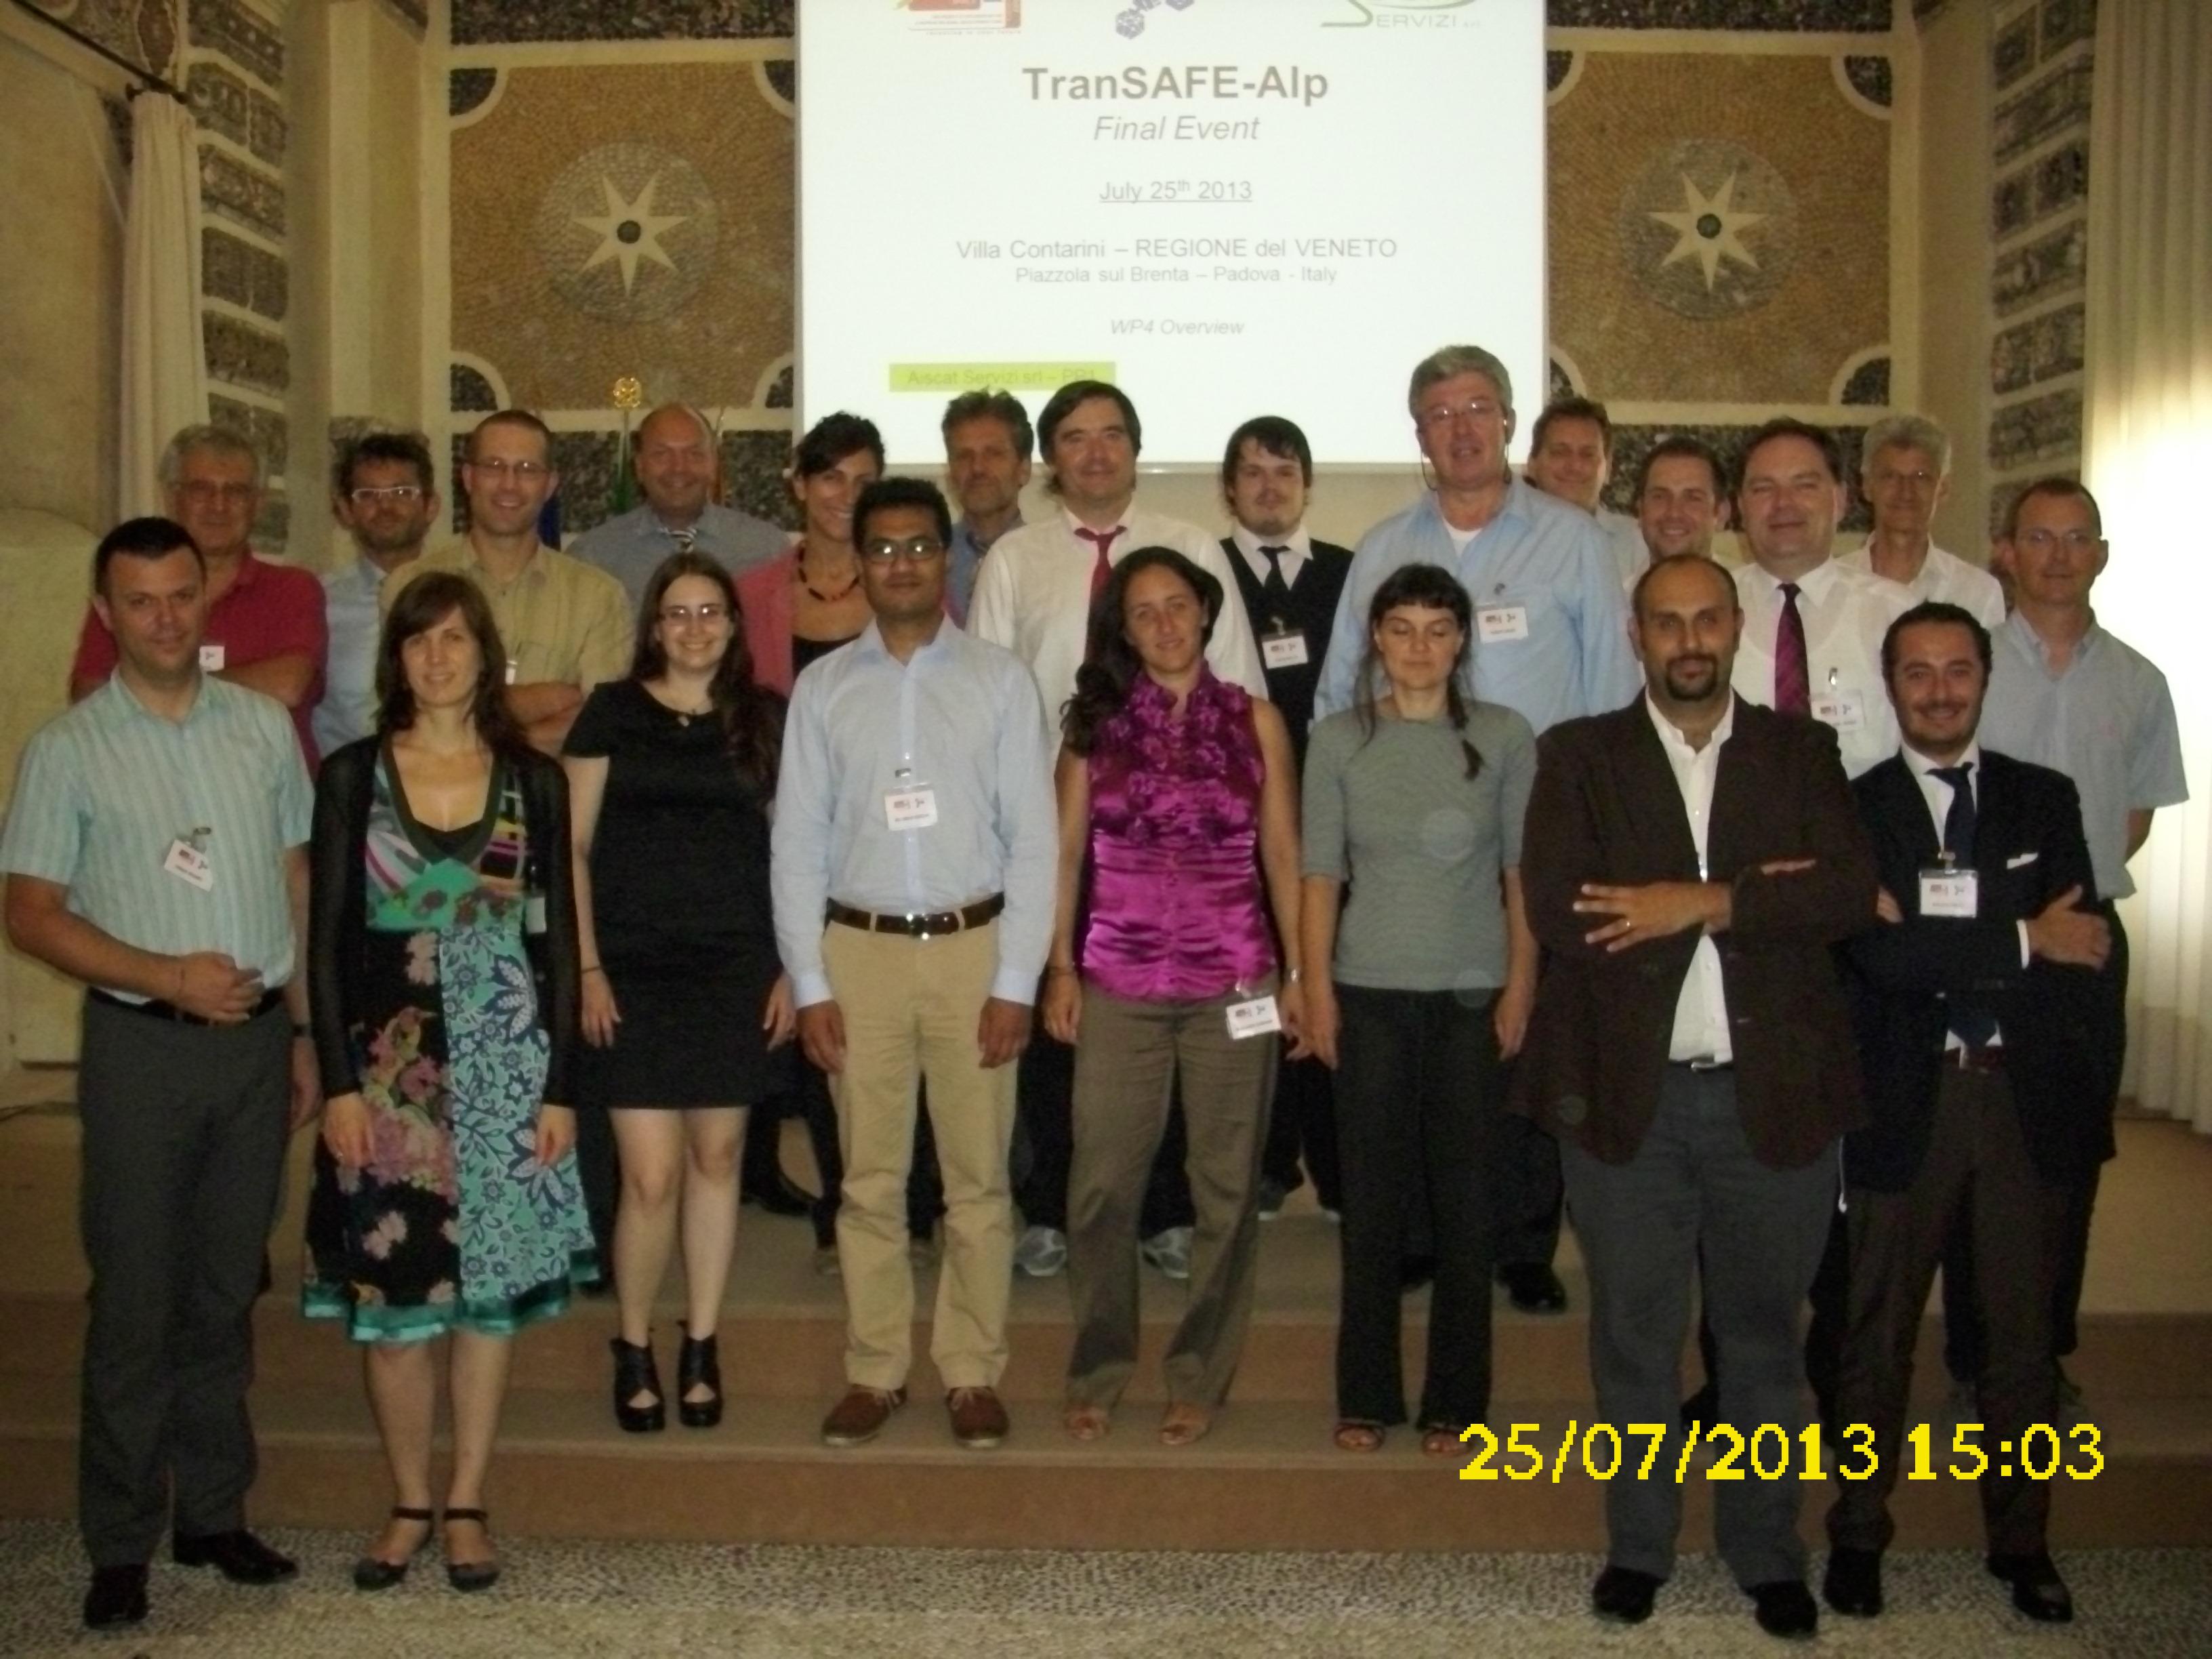 Gruppenbild zur Abschlussveranstaltung von TransSAFe-Alp in Venedig, Italien